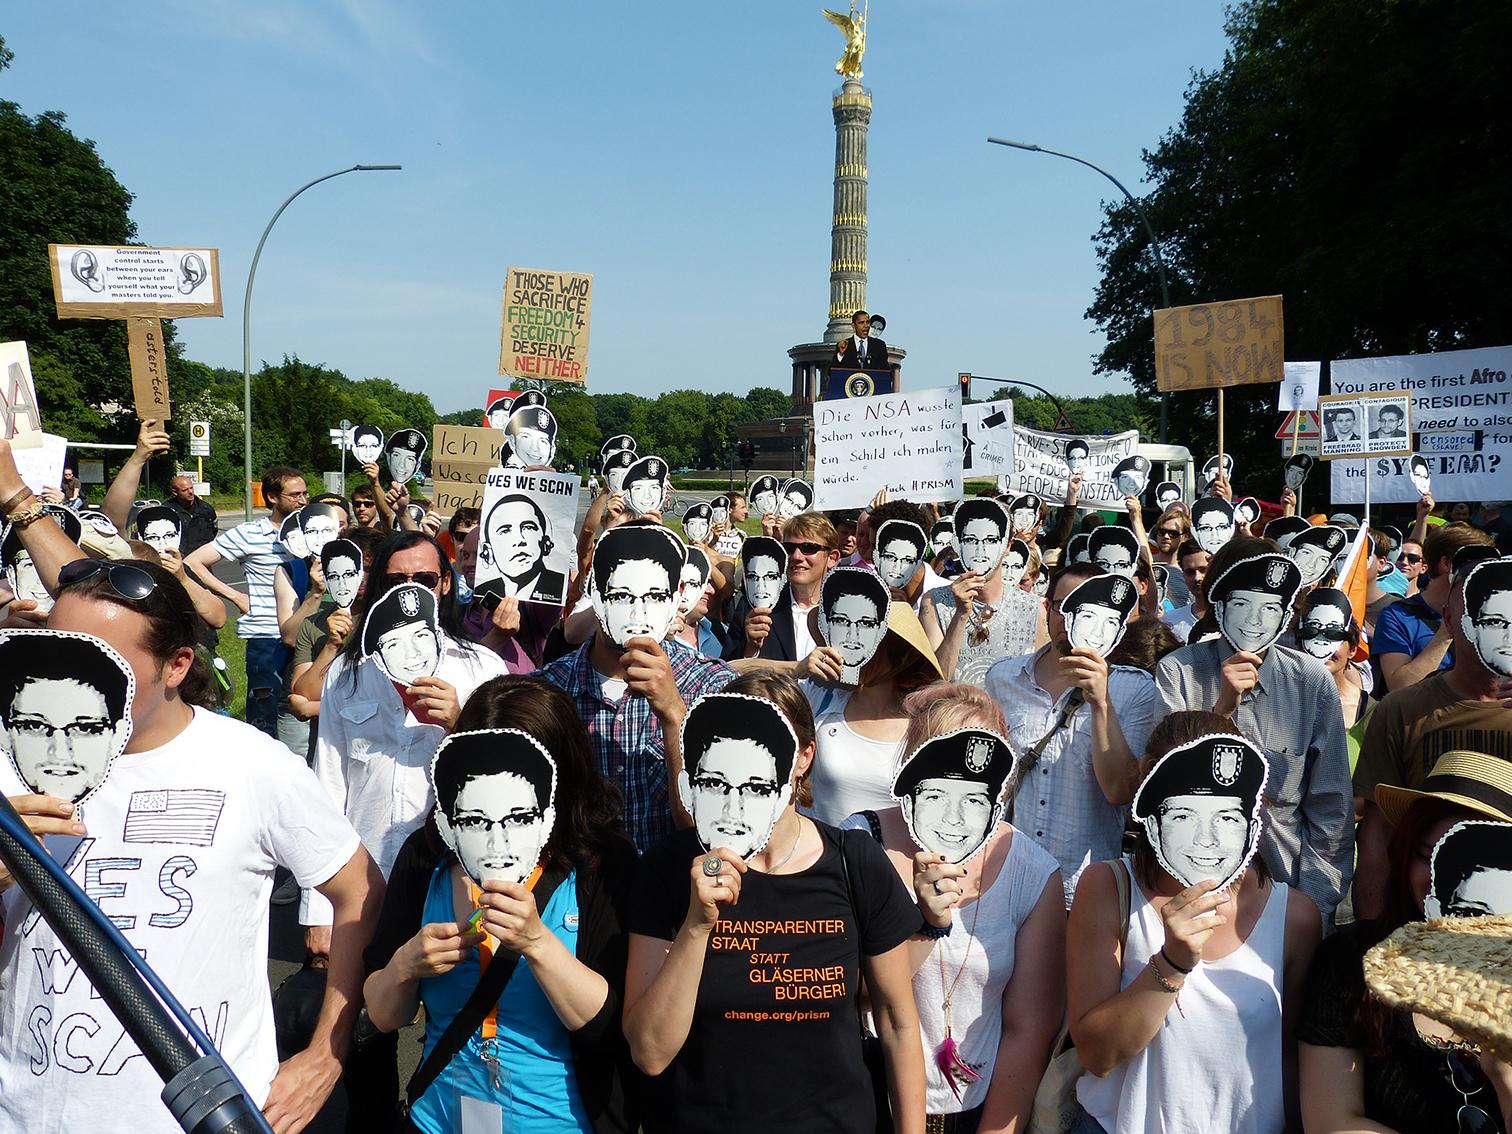 Demonstration against PRISM with Edward Snowden masks during Barack Obama's visit to Berlin, July 2013